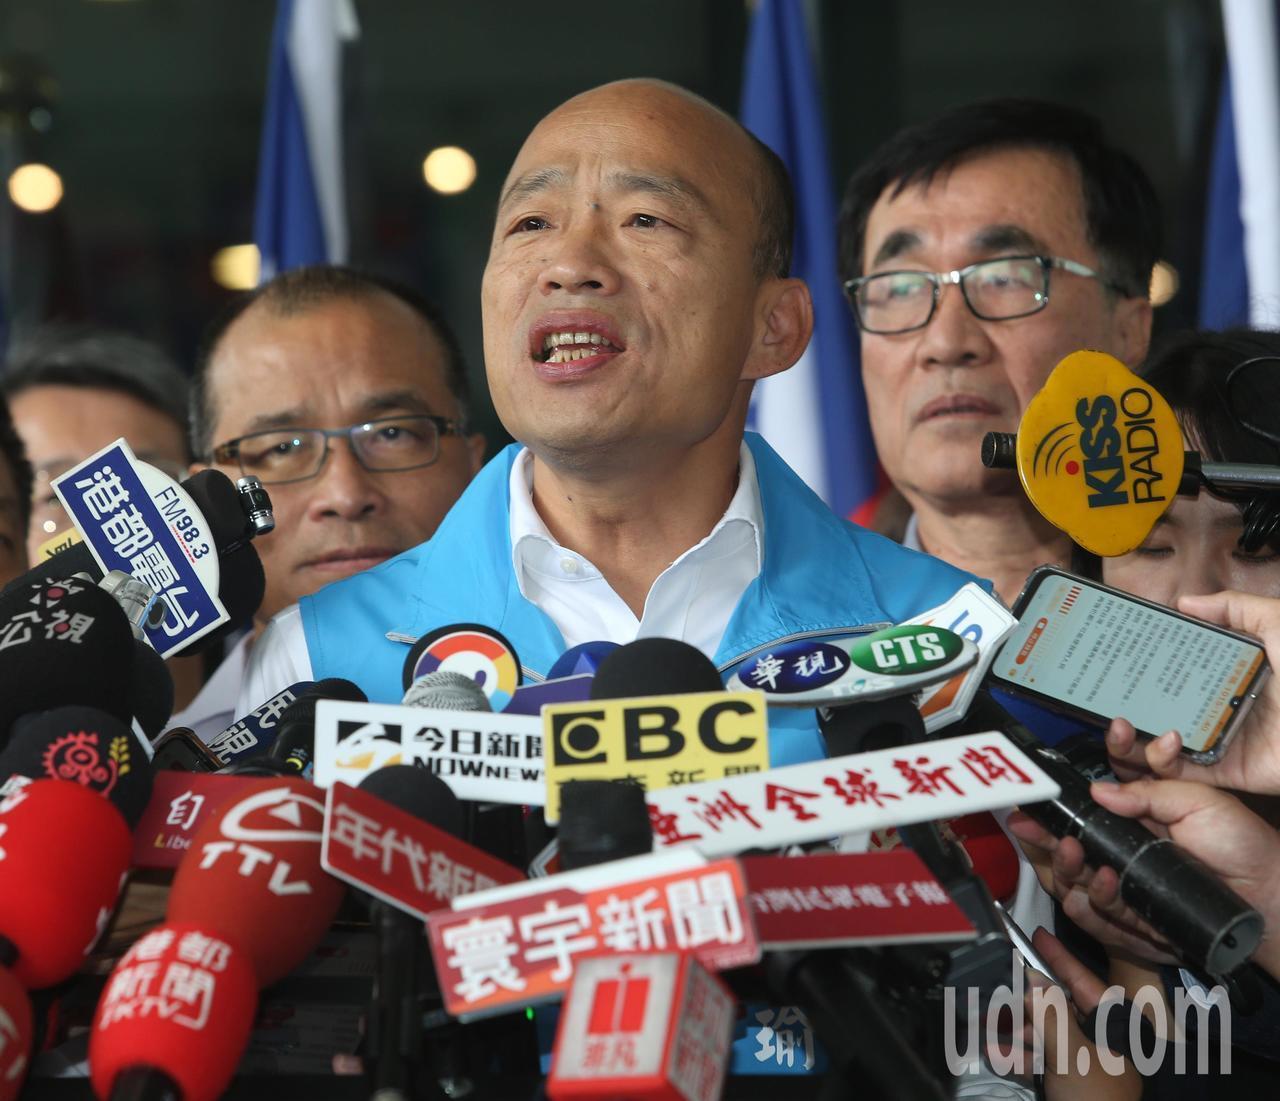 高雄市長韓國瑜宣布請假投入2020大選。記者劉學聖/攝影